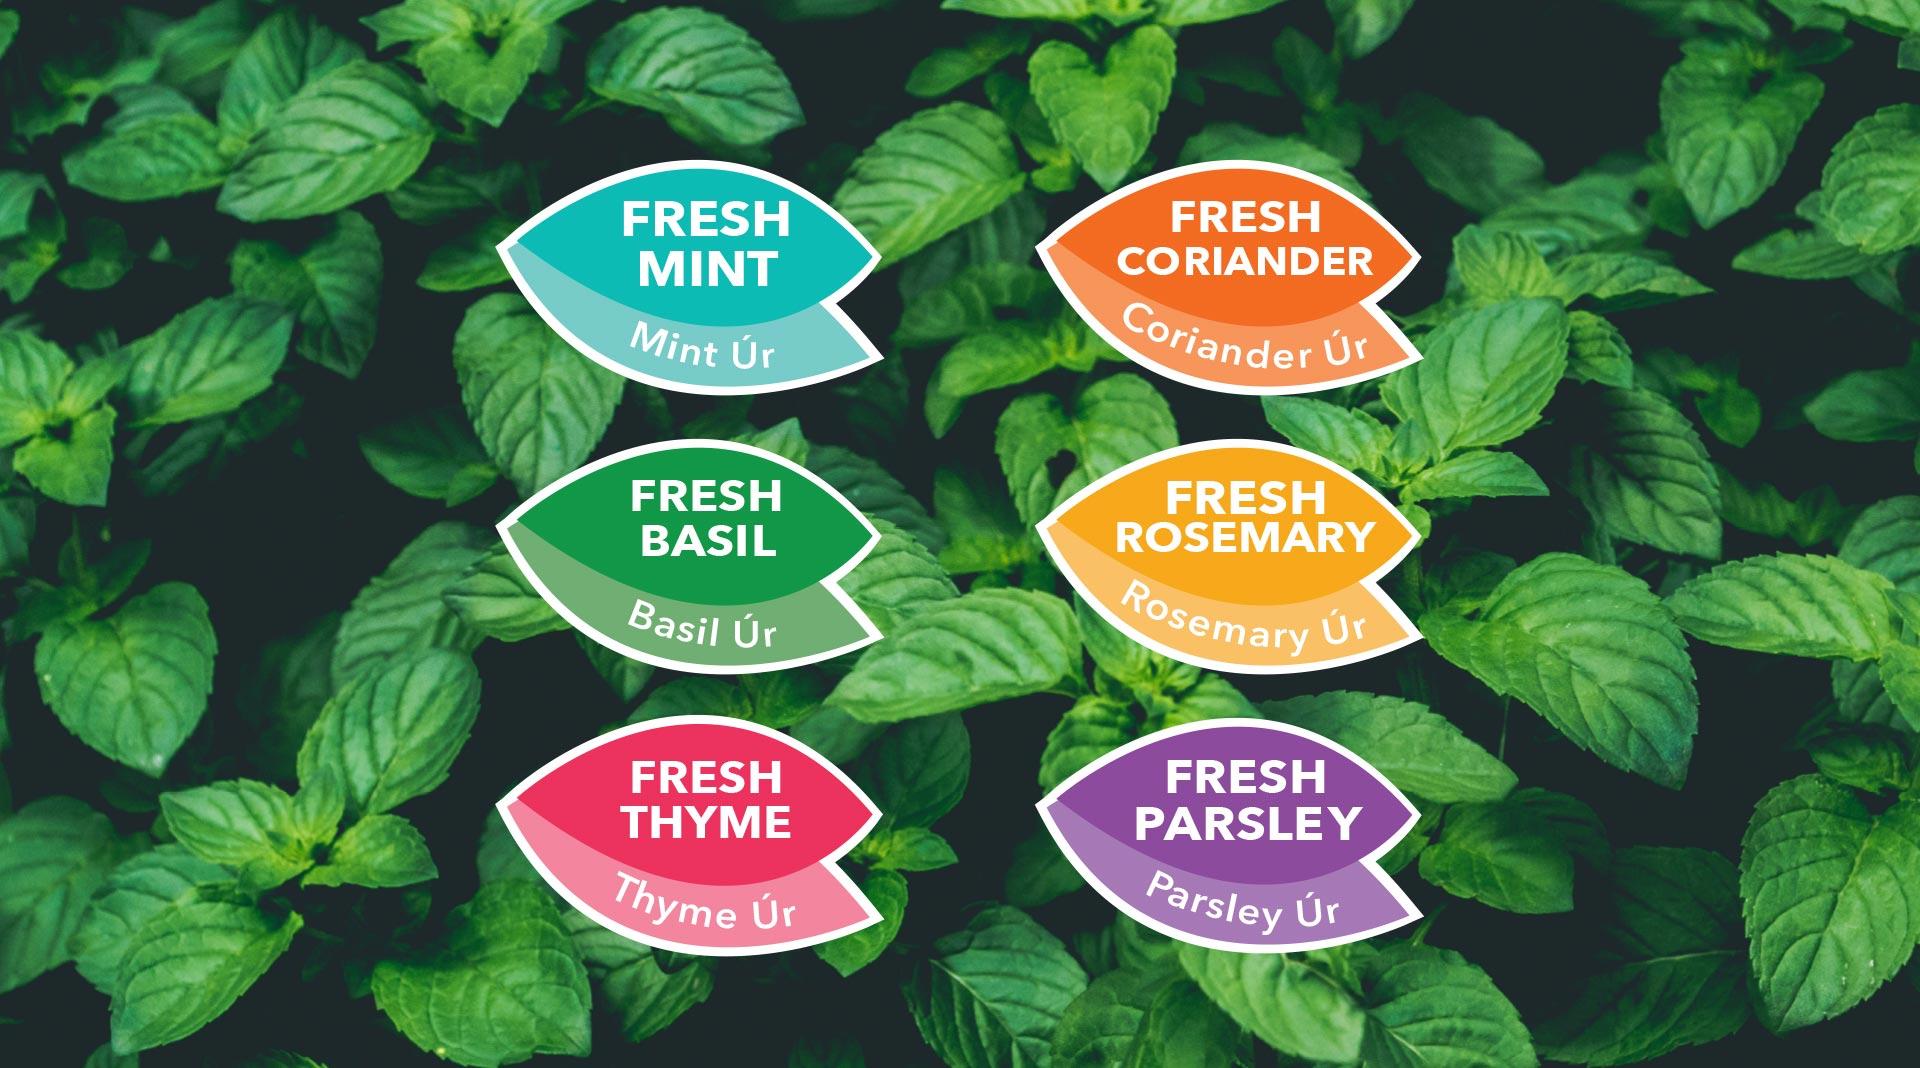 Grá herb range designed by Sweet.